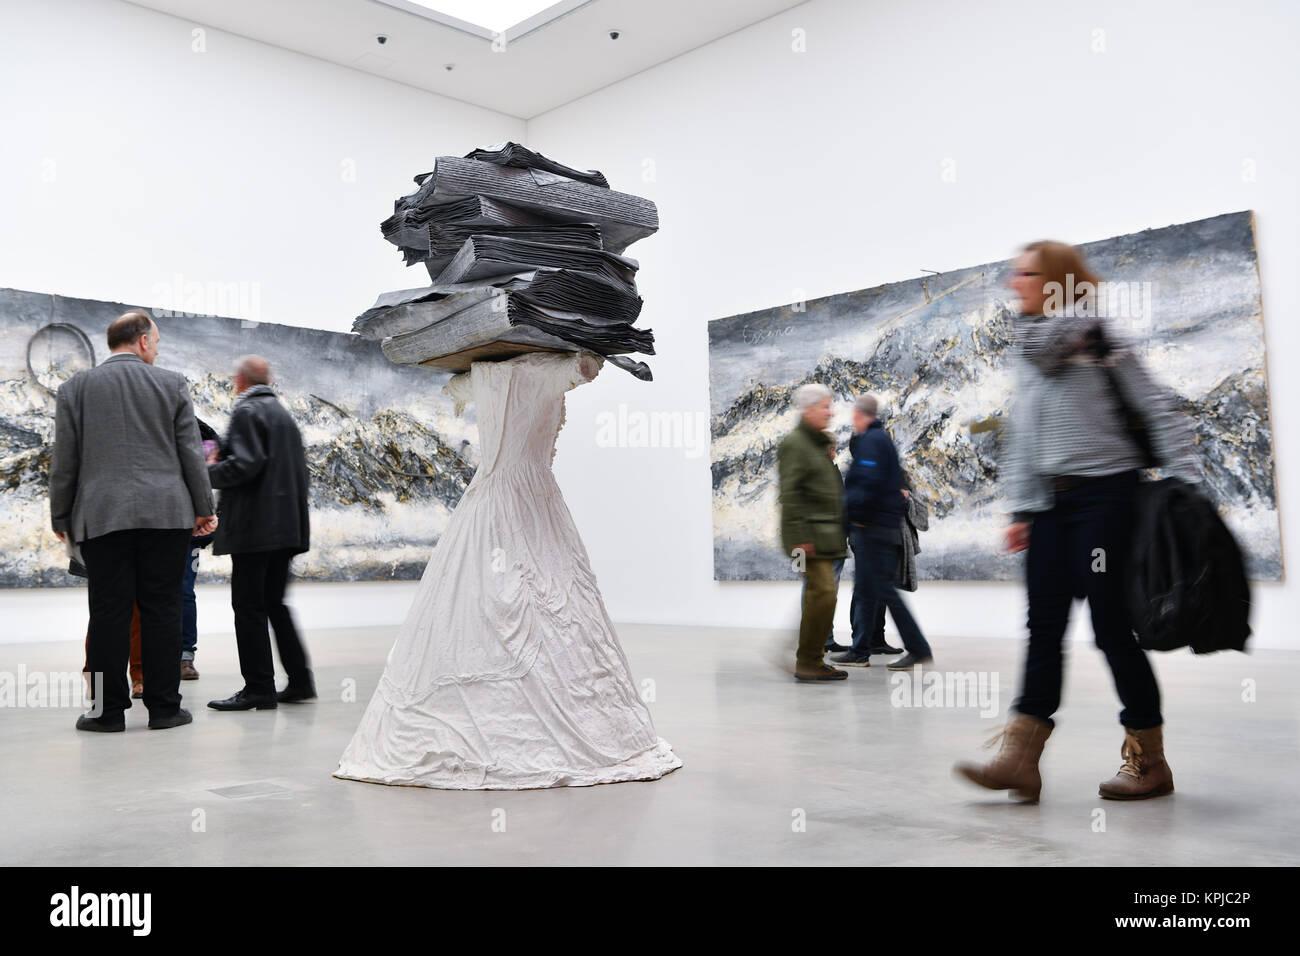 """Mannheim, Germania. 15 Dic, 2017. I visitatori a piedi dall'artista Anselm Kiefer pezzo intitolato """"Donne Immagini Stock"""